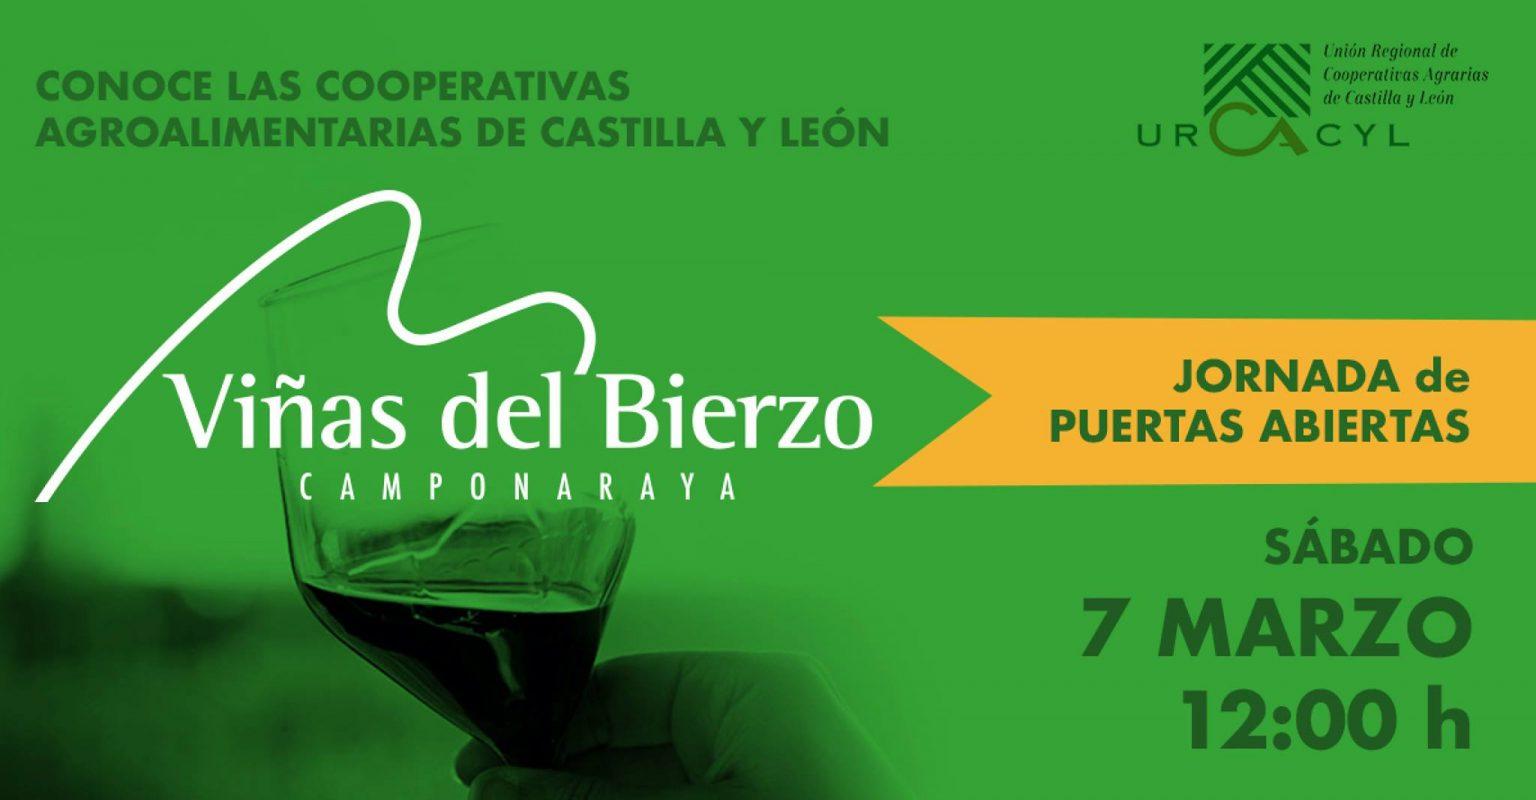 Planes de ocio en El Bierzo. 6 al 8 de marzo 2020 16